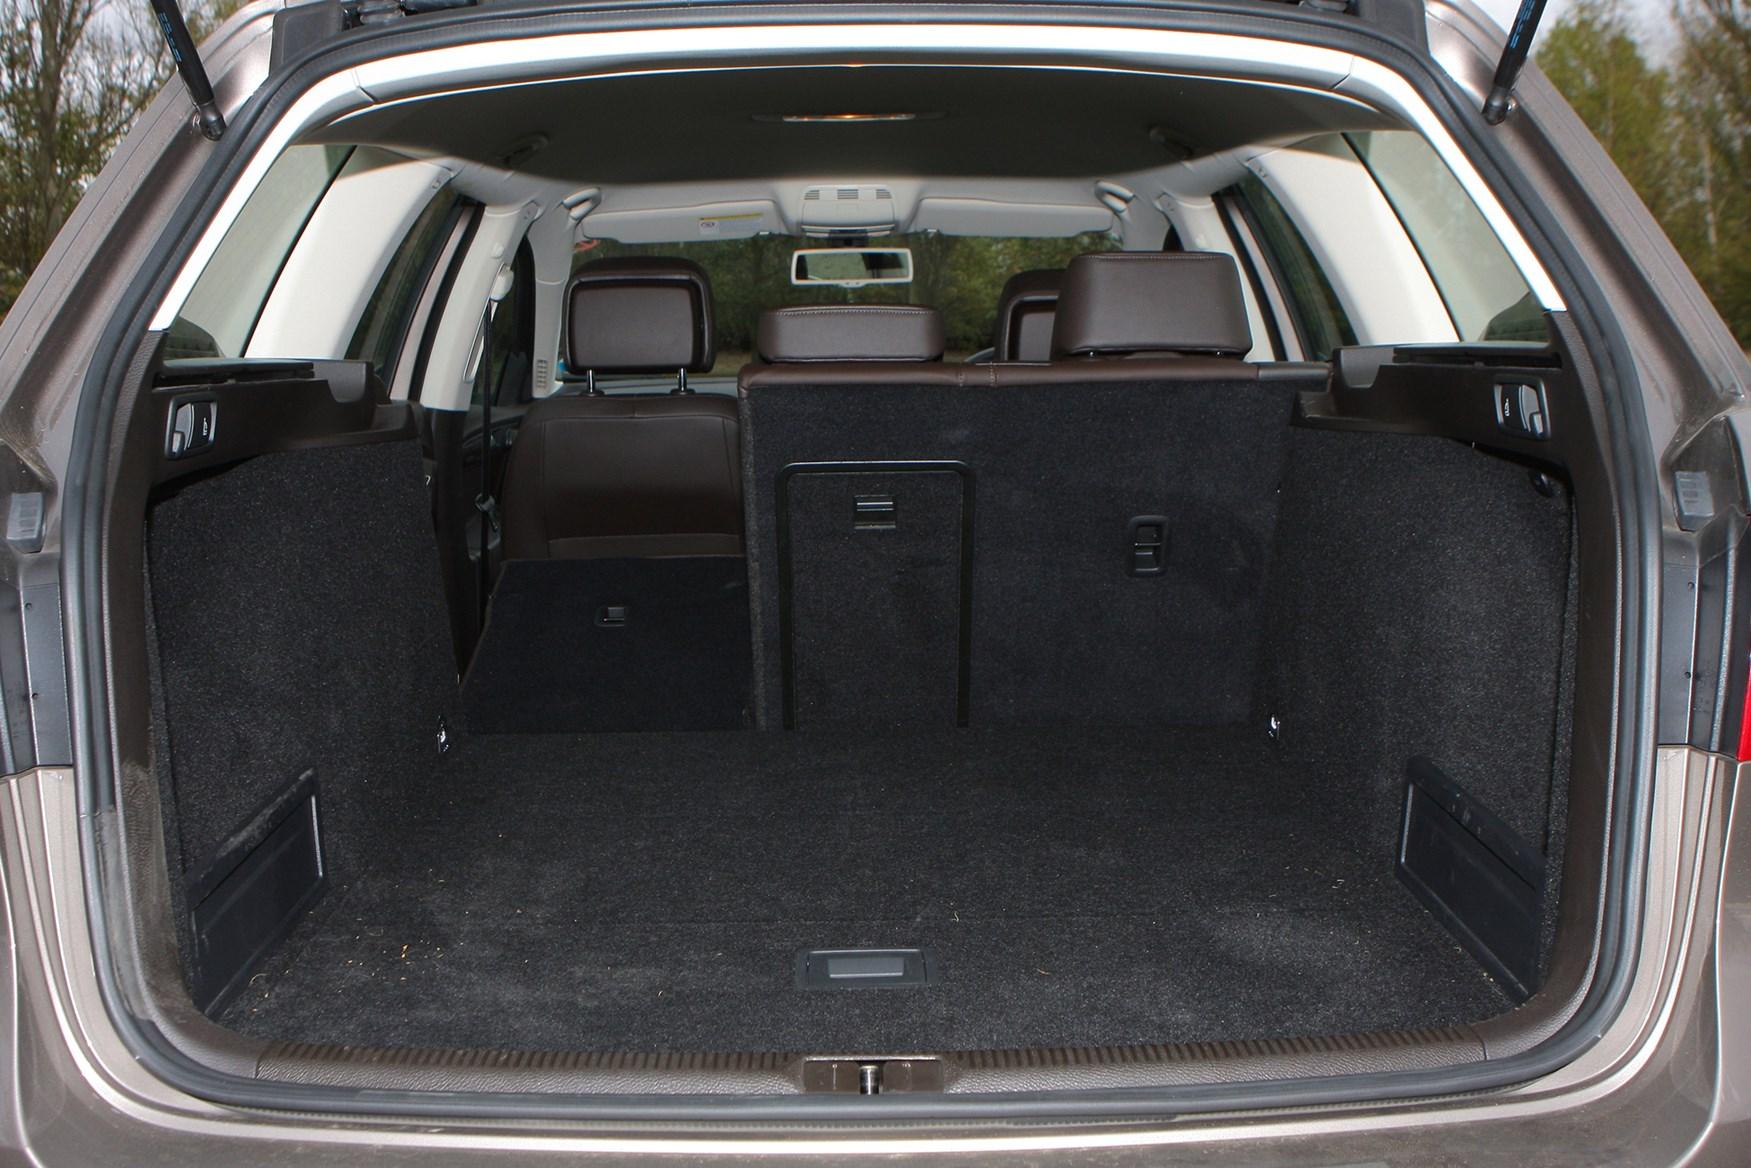 Volkswagen Passat Estate 2011 2014 Features Equipment